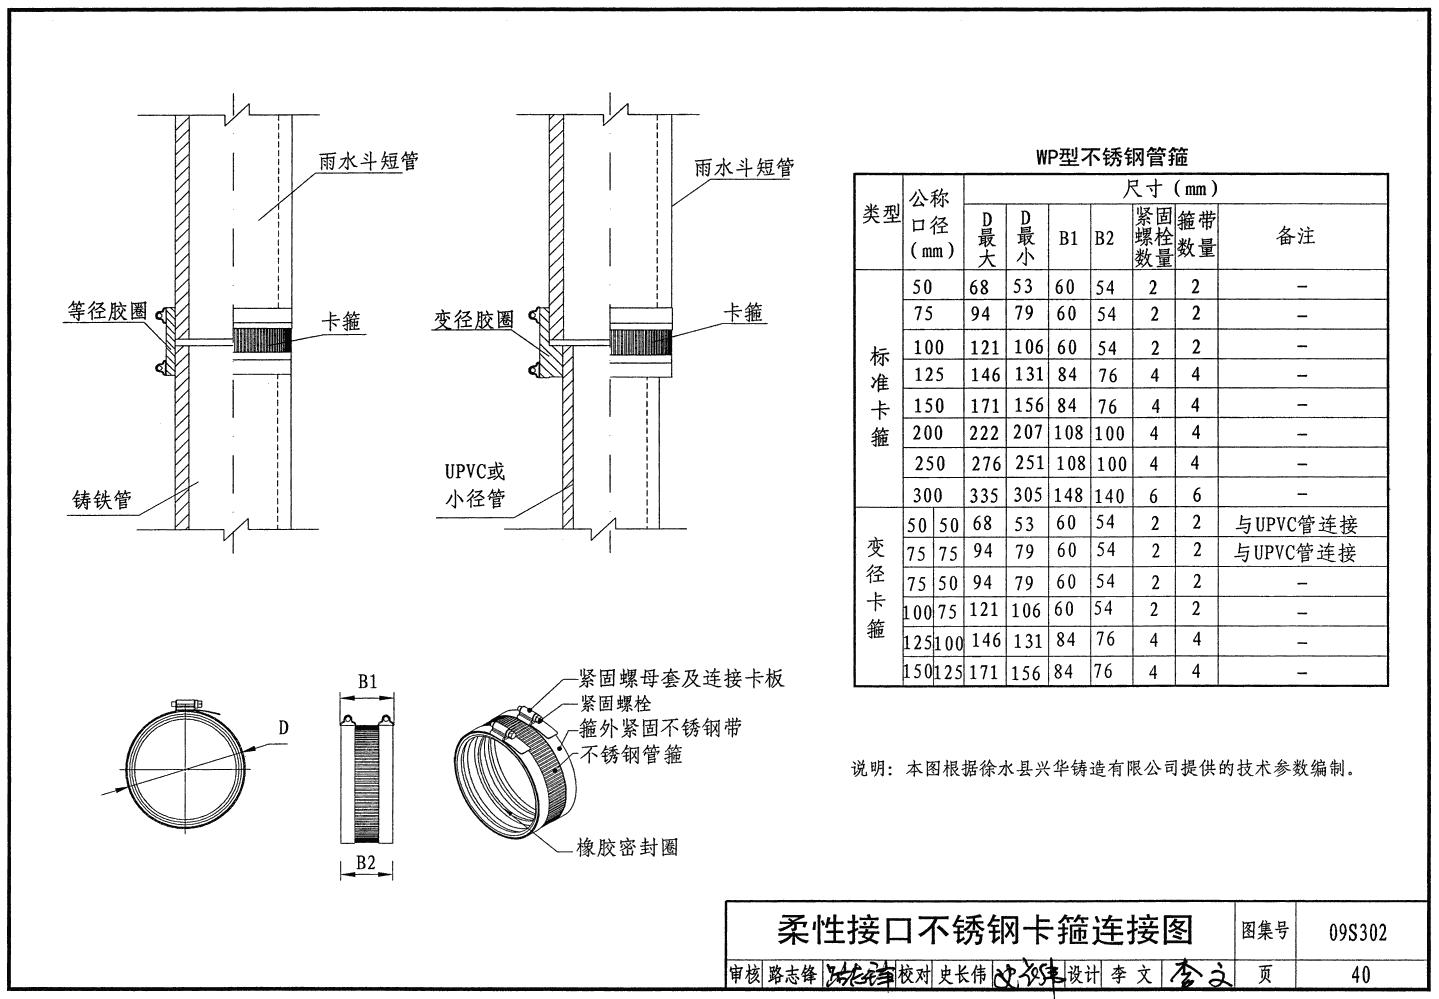 雨水斗选用及安装(09s302)